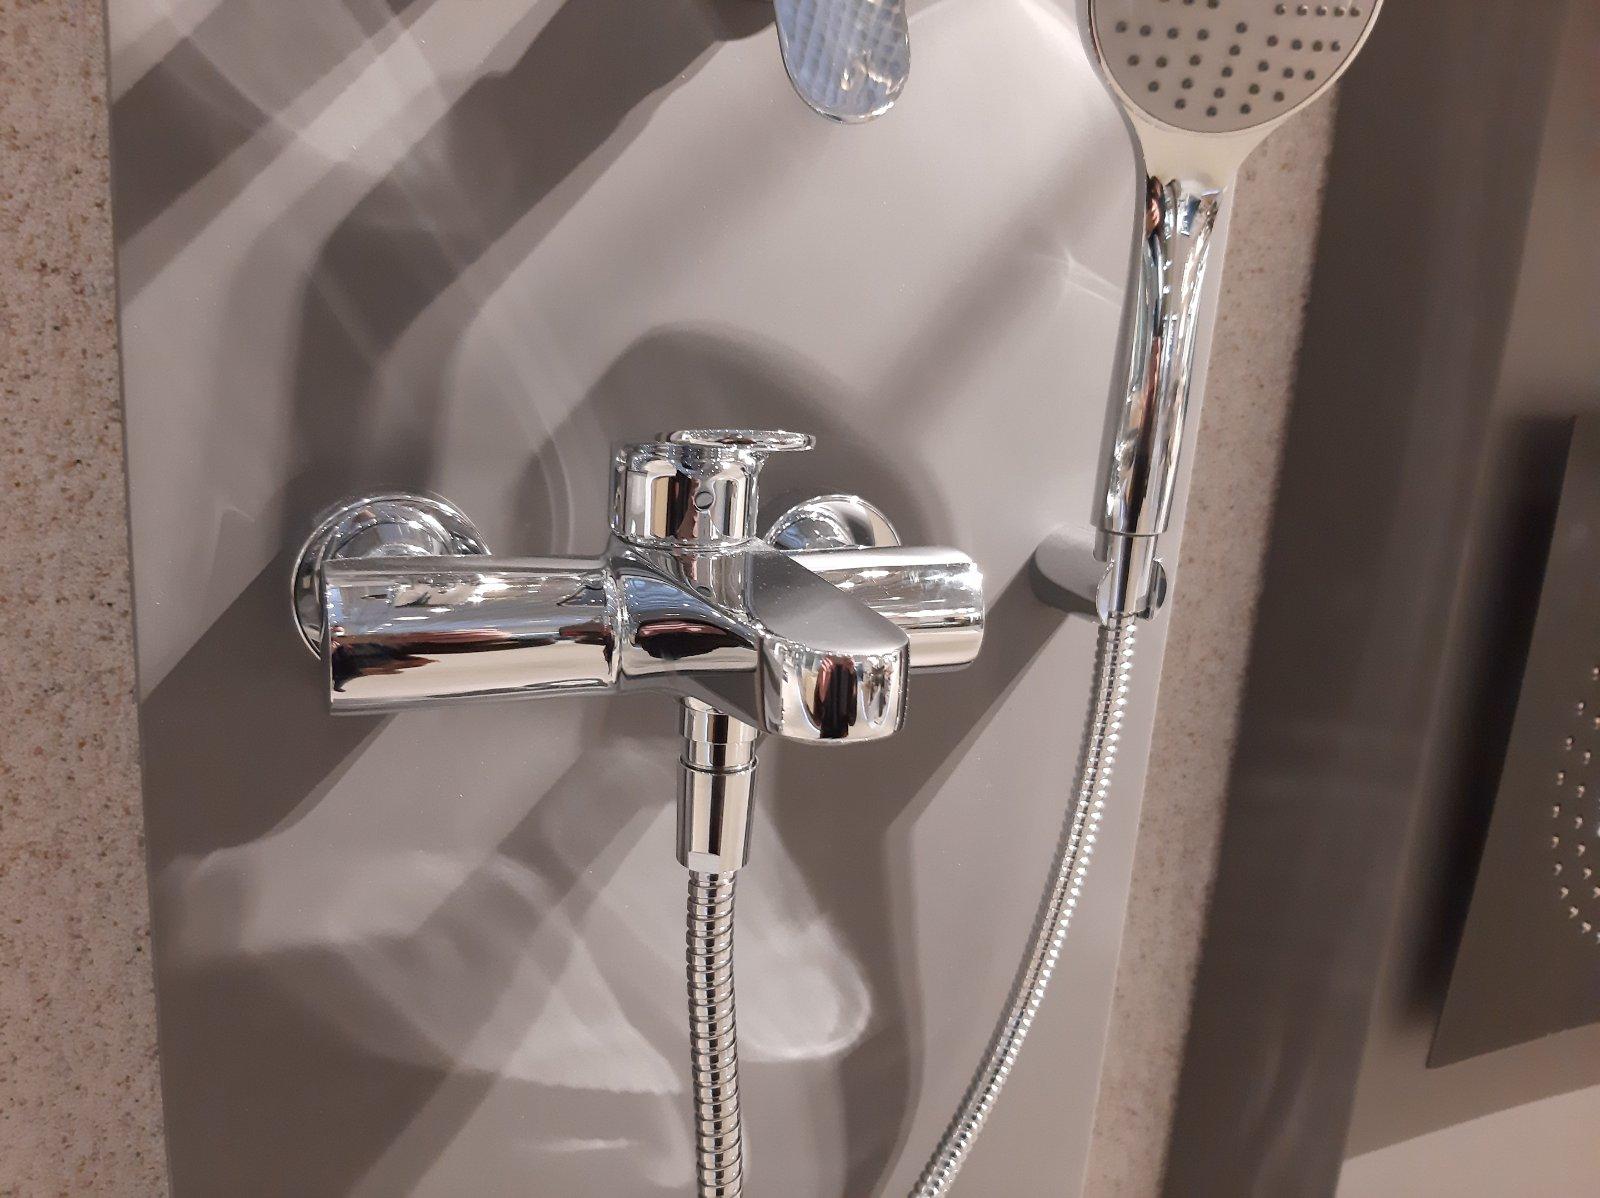 Купити в Києві змішувач у ванну Одноважільний якісний